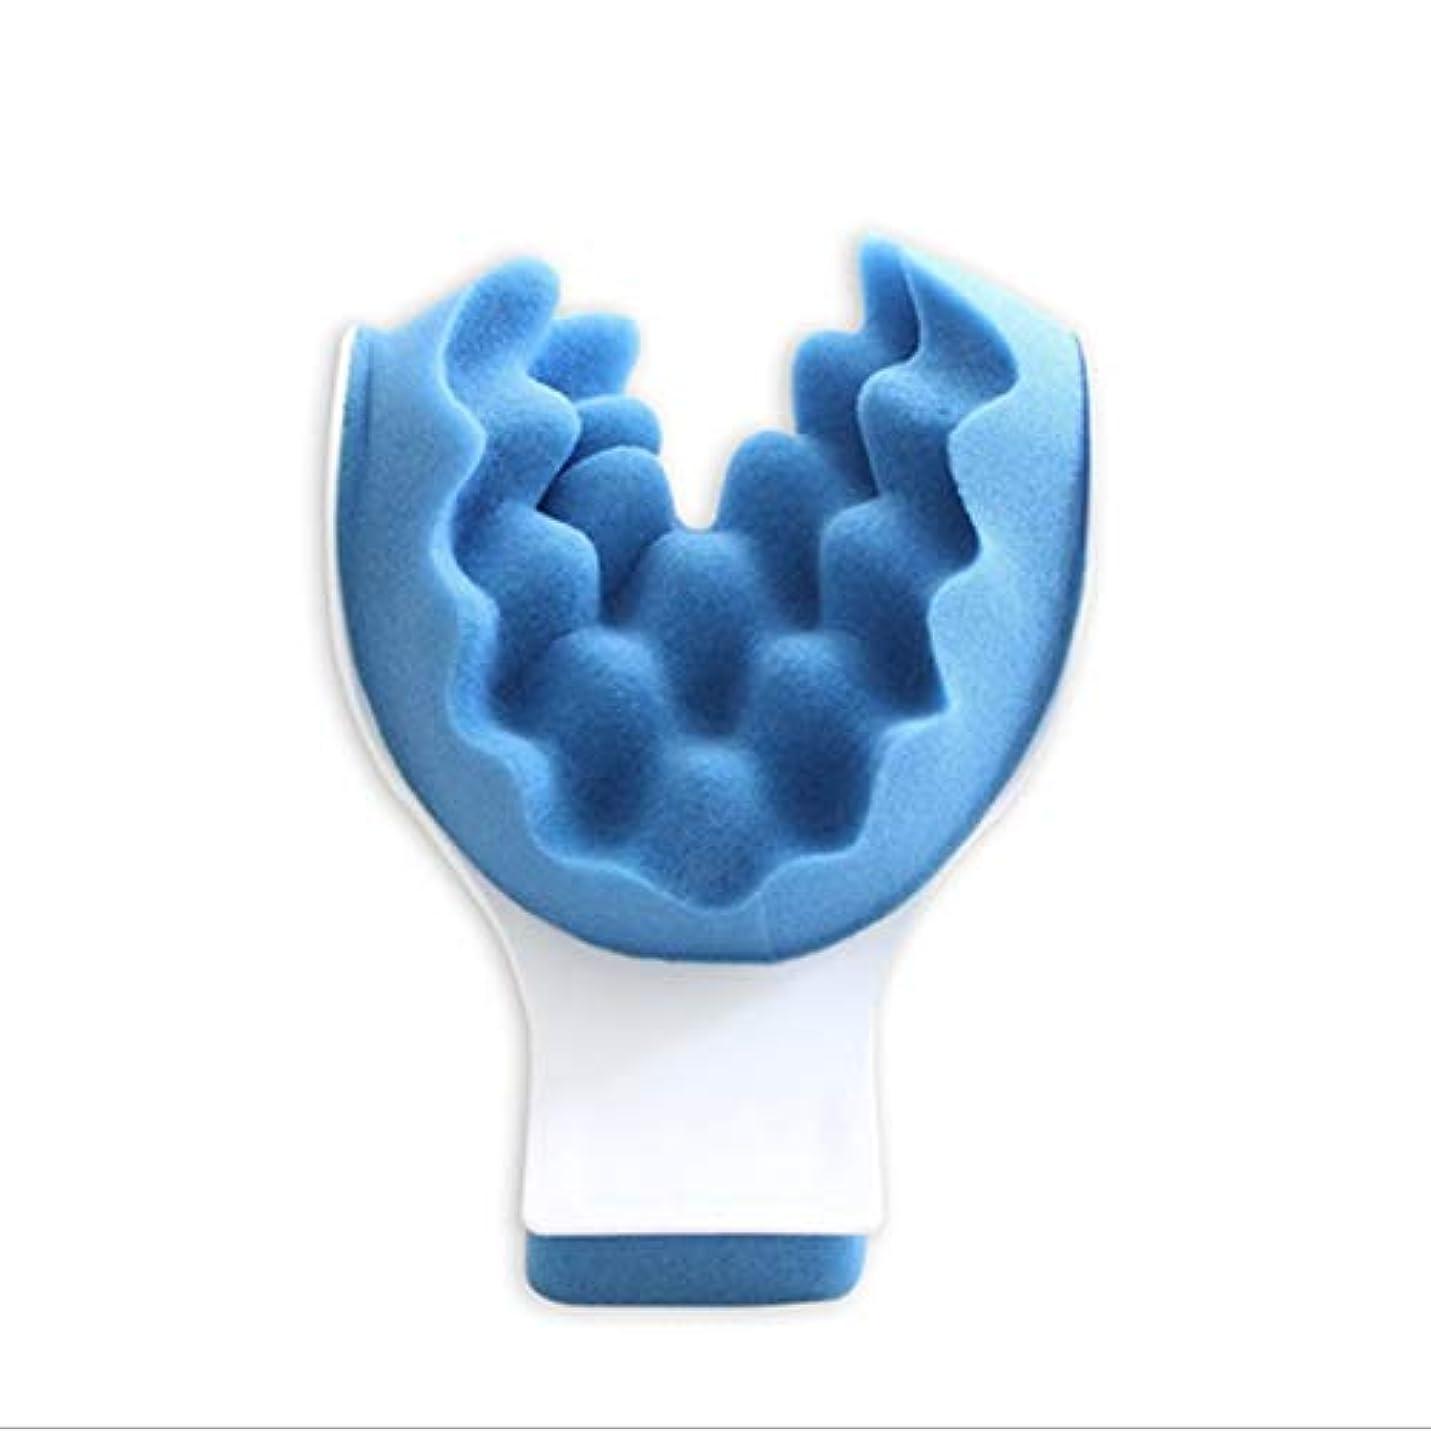 カートリッジ受けるキラウエア山マッスルテンションリリーフタイトネスと痛みの緩和セラピーティックネックサポートテンションリリーフネック&ショルダーリラクサー - ブルー